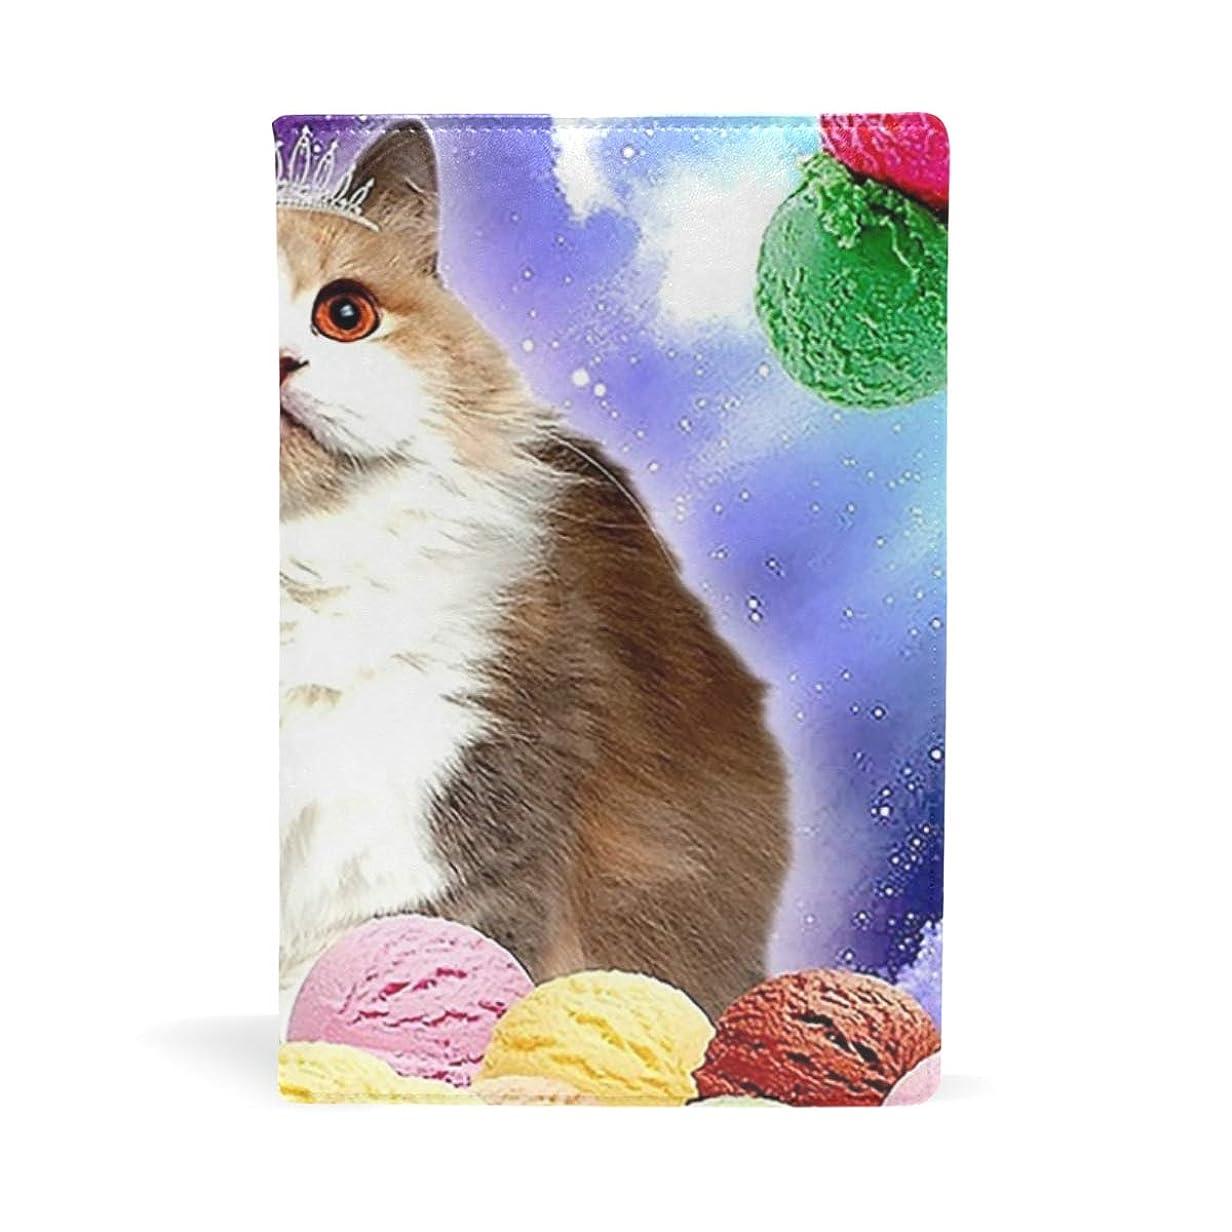 コンバーチブルチャーミング不良品猫 アイスクリーム ブックカバー 文庫 a5 皮革 おしゃれ 文庫本カバー 資料 収納入れ オフィス用品 読書 雑貨 プレゼント耐久性に優れ